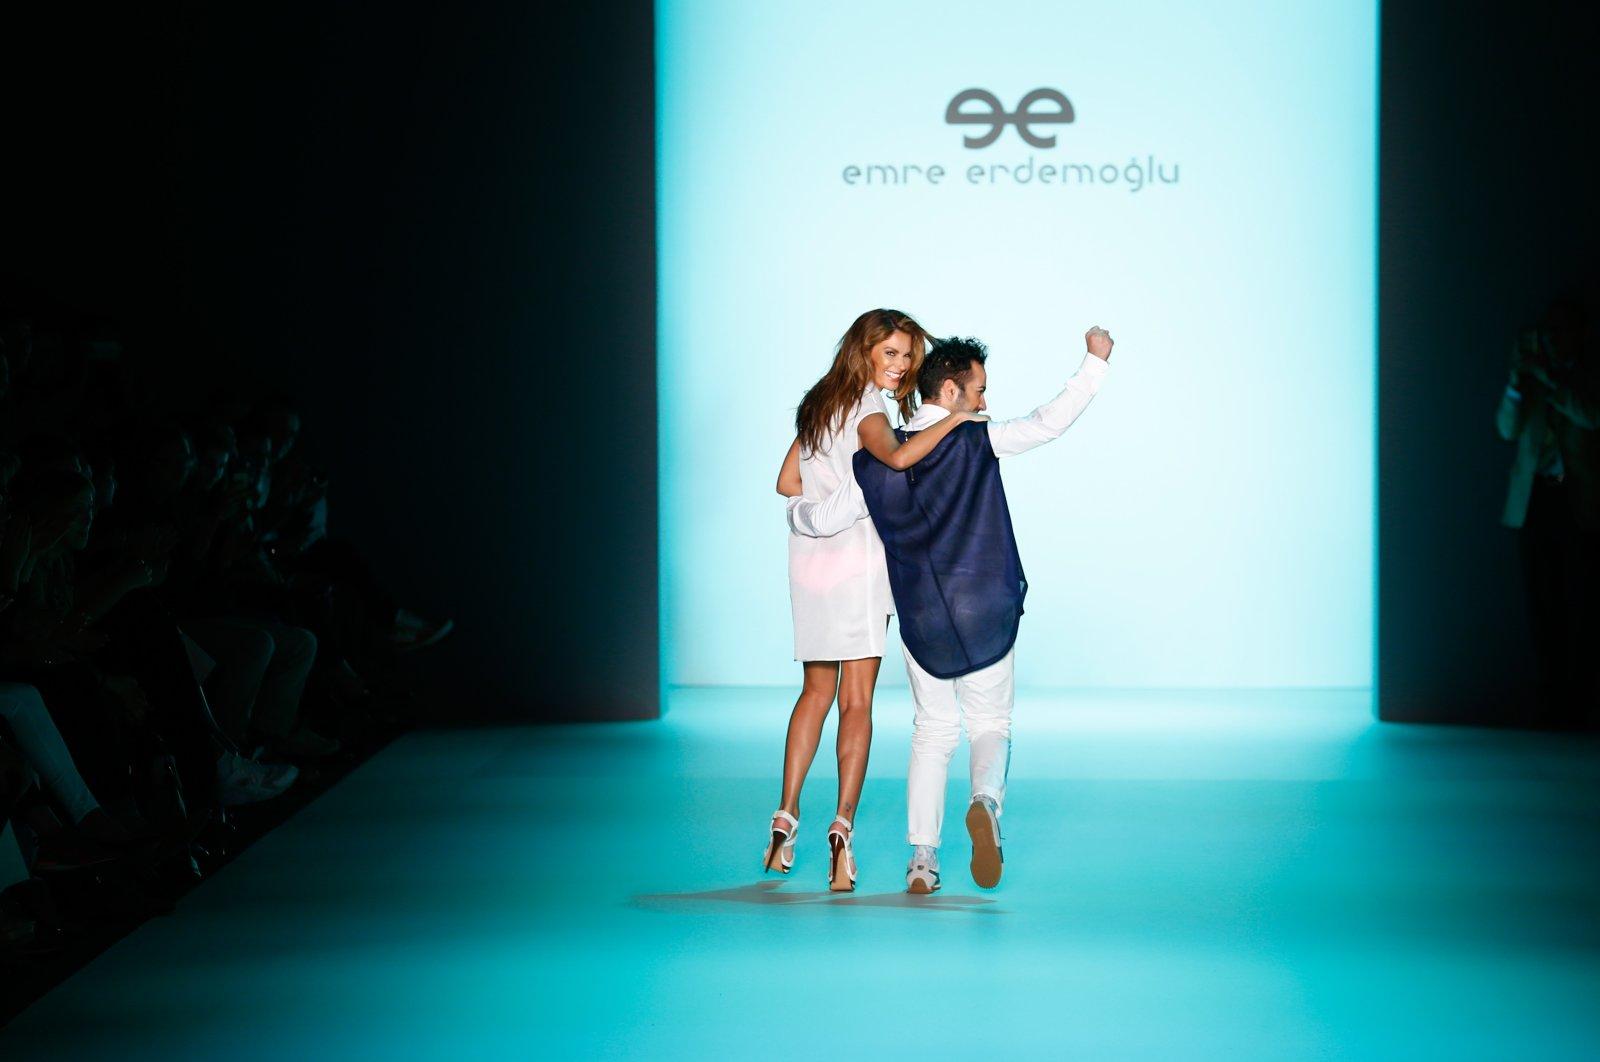 Designer Emre Erdemoğlu and model Tülin Şahin walk the runway after his show during the Mercedes-Benz Fashion Week Berlin Spring/Summer 2016 at Brandenburg Gate on July 10, 2015 (Getty Images for Mercedes-Benz)